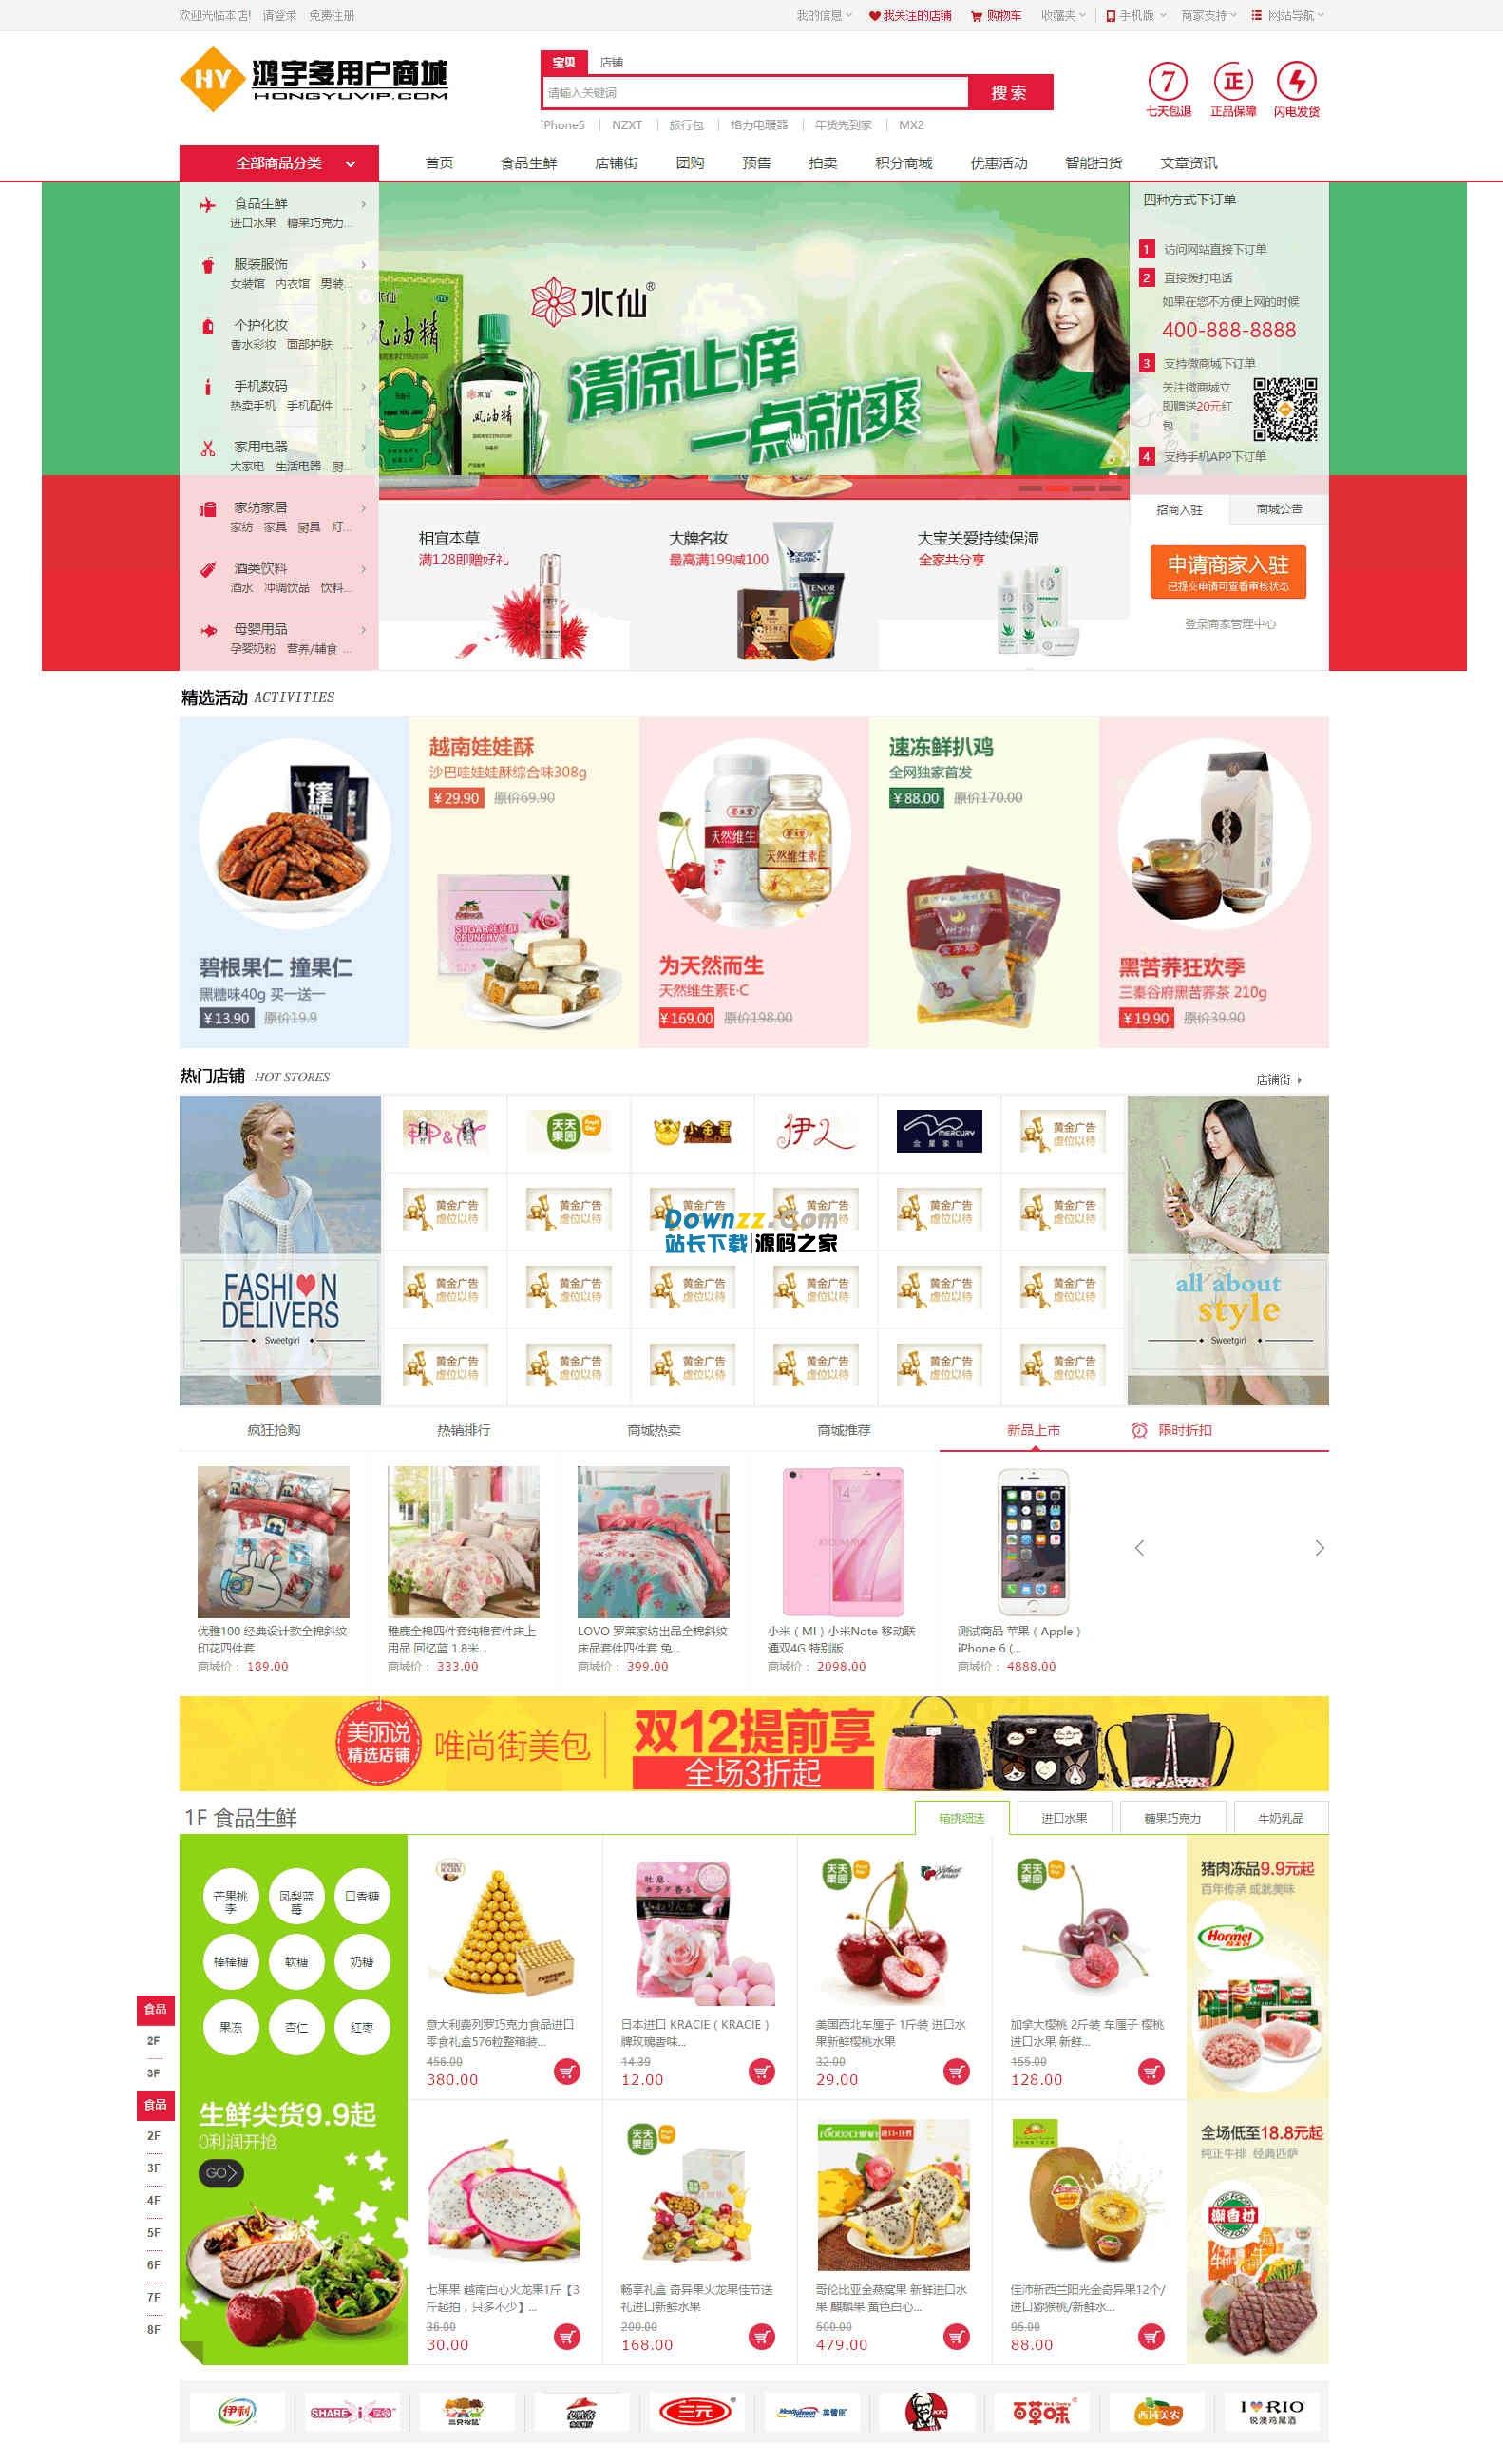 最新版鸿宇小京东7.9(PC+WAP+微信+分销系统)完整集成版免费分享